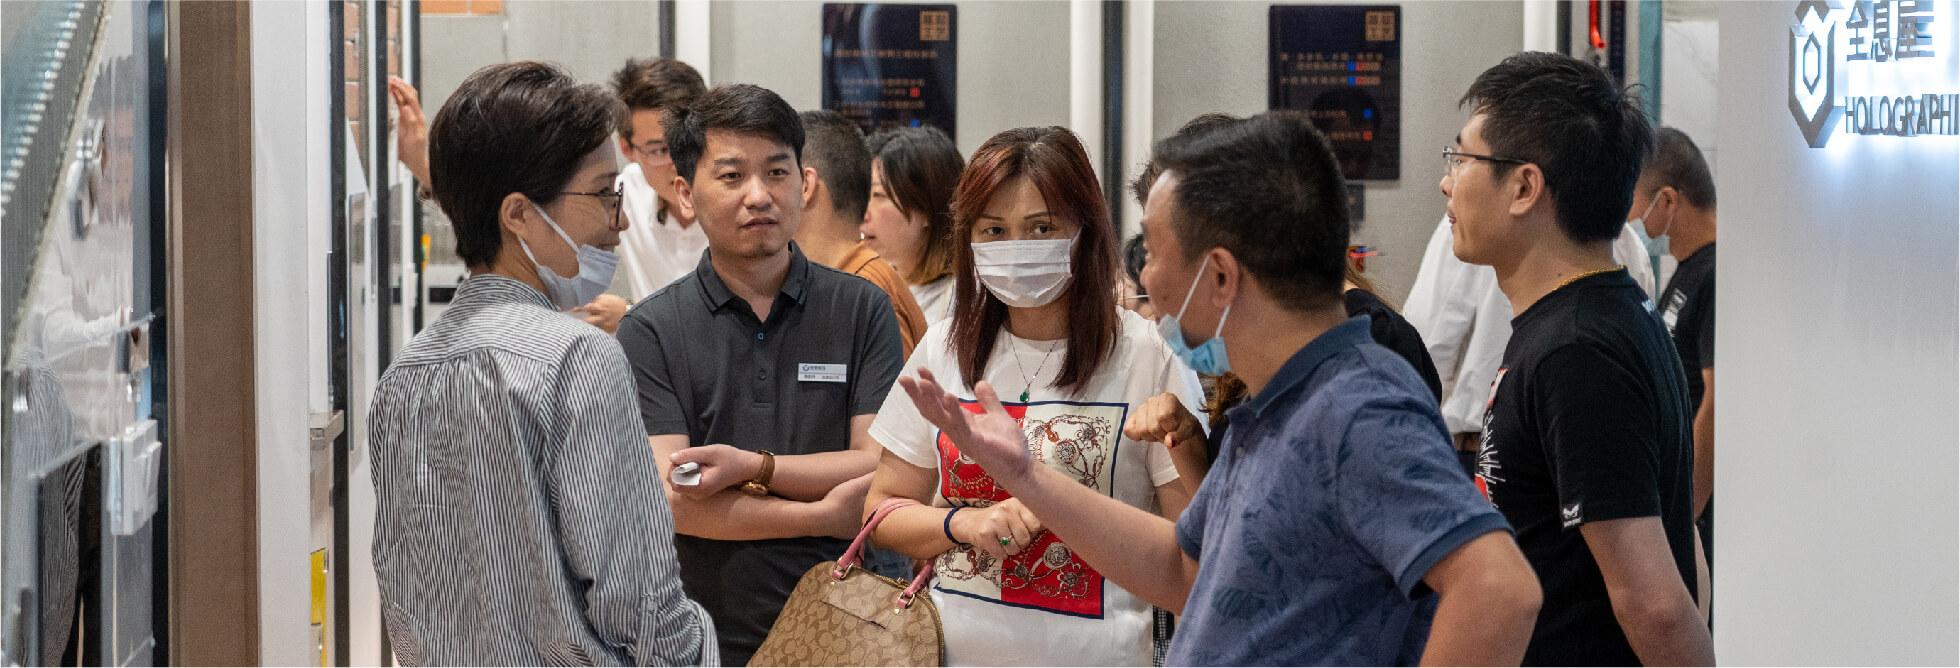 上海家博会现场示图1